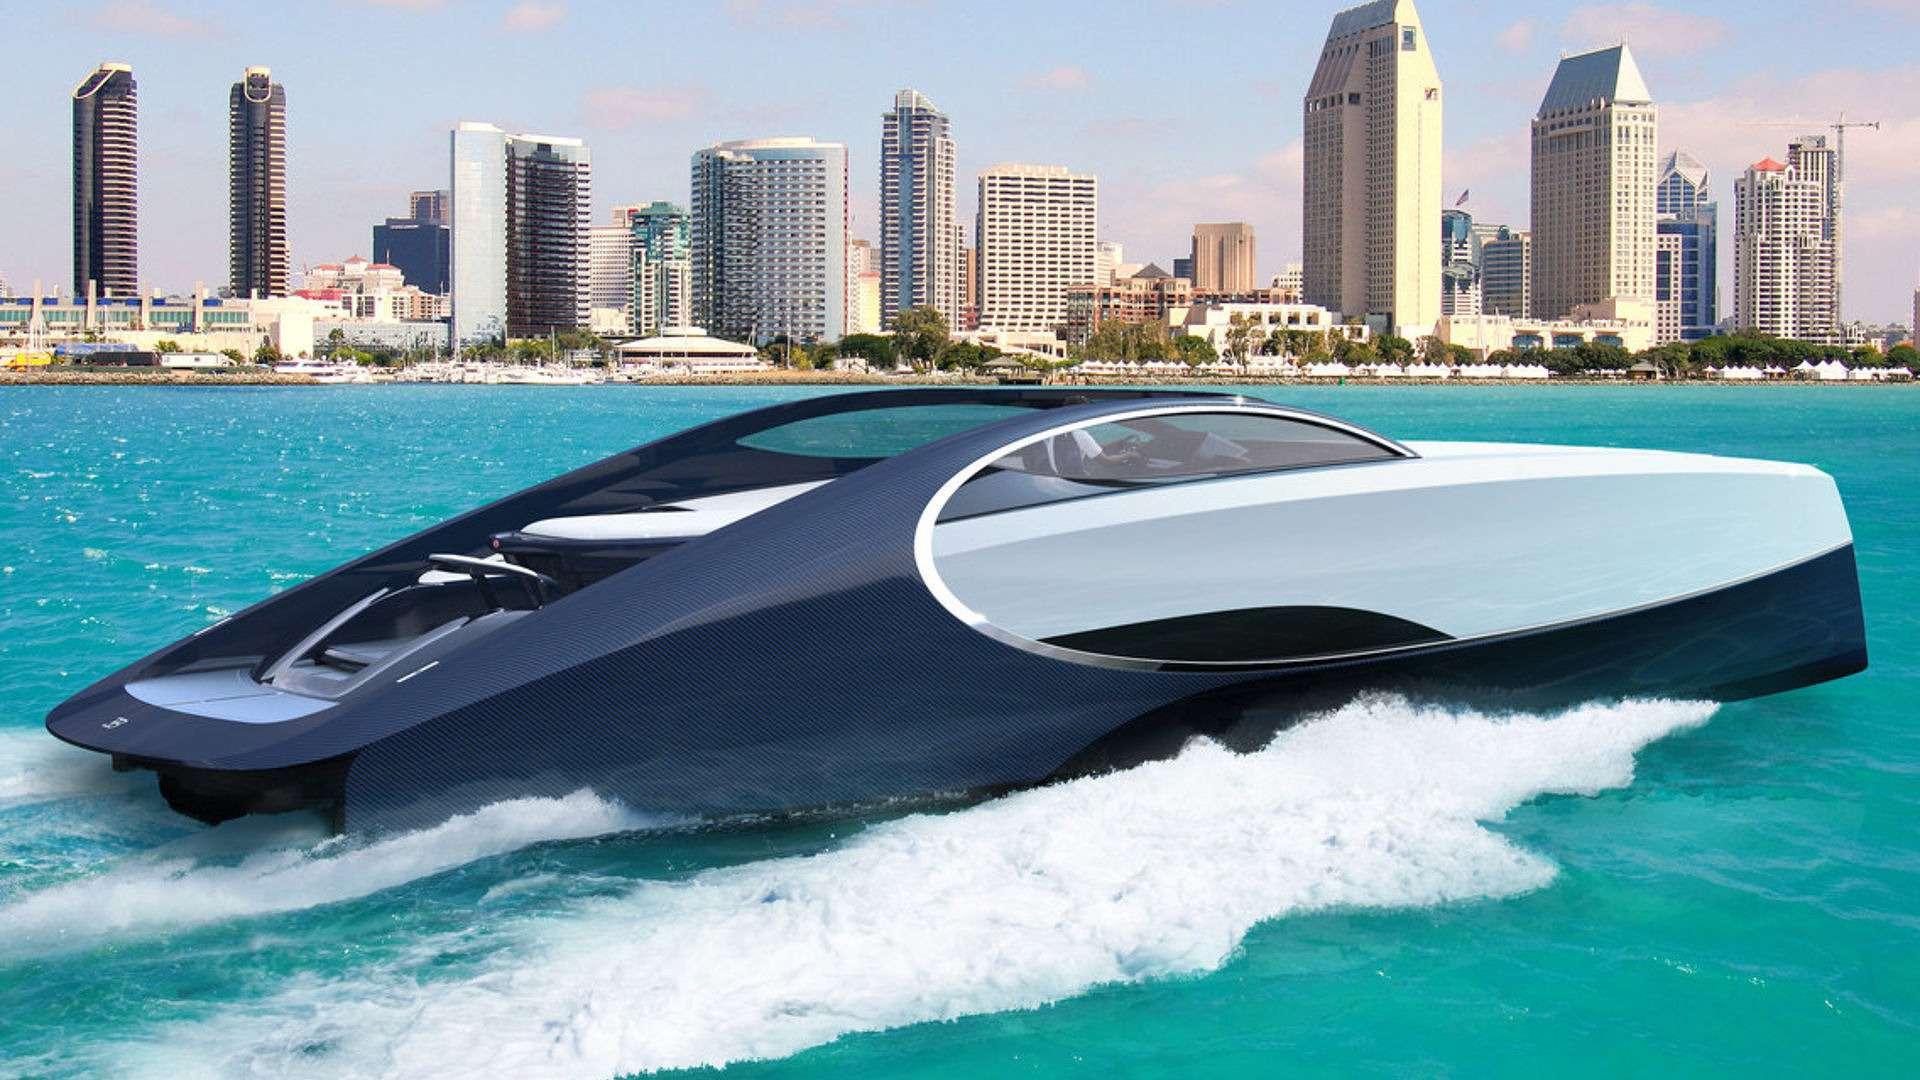 Наволне Широна: подмаркой Bugatti теперь можно купить яхту— фото 720155